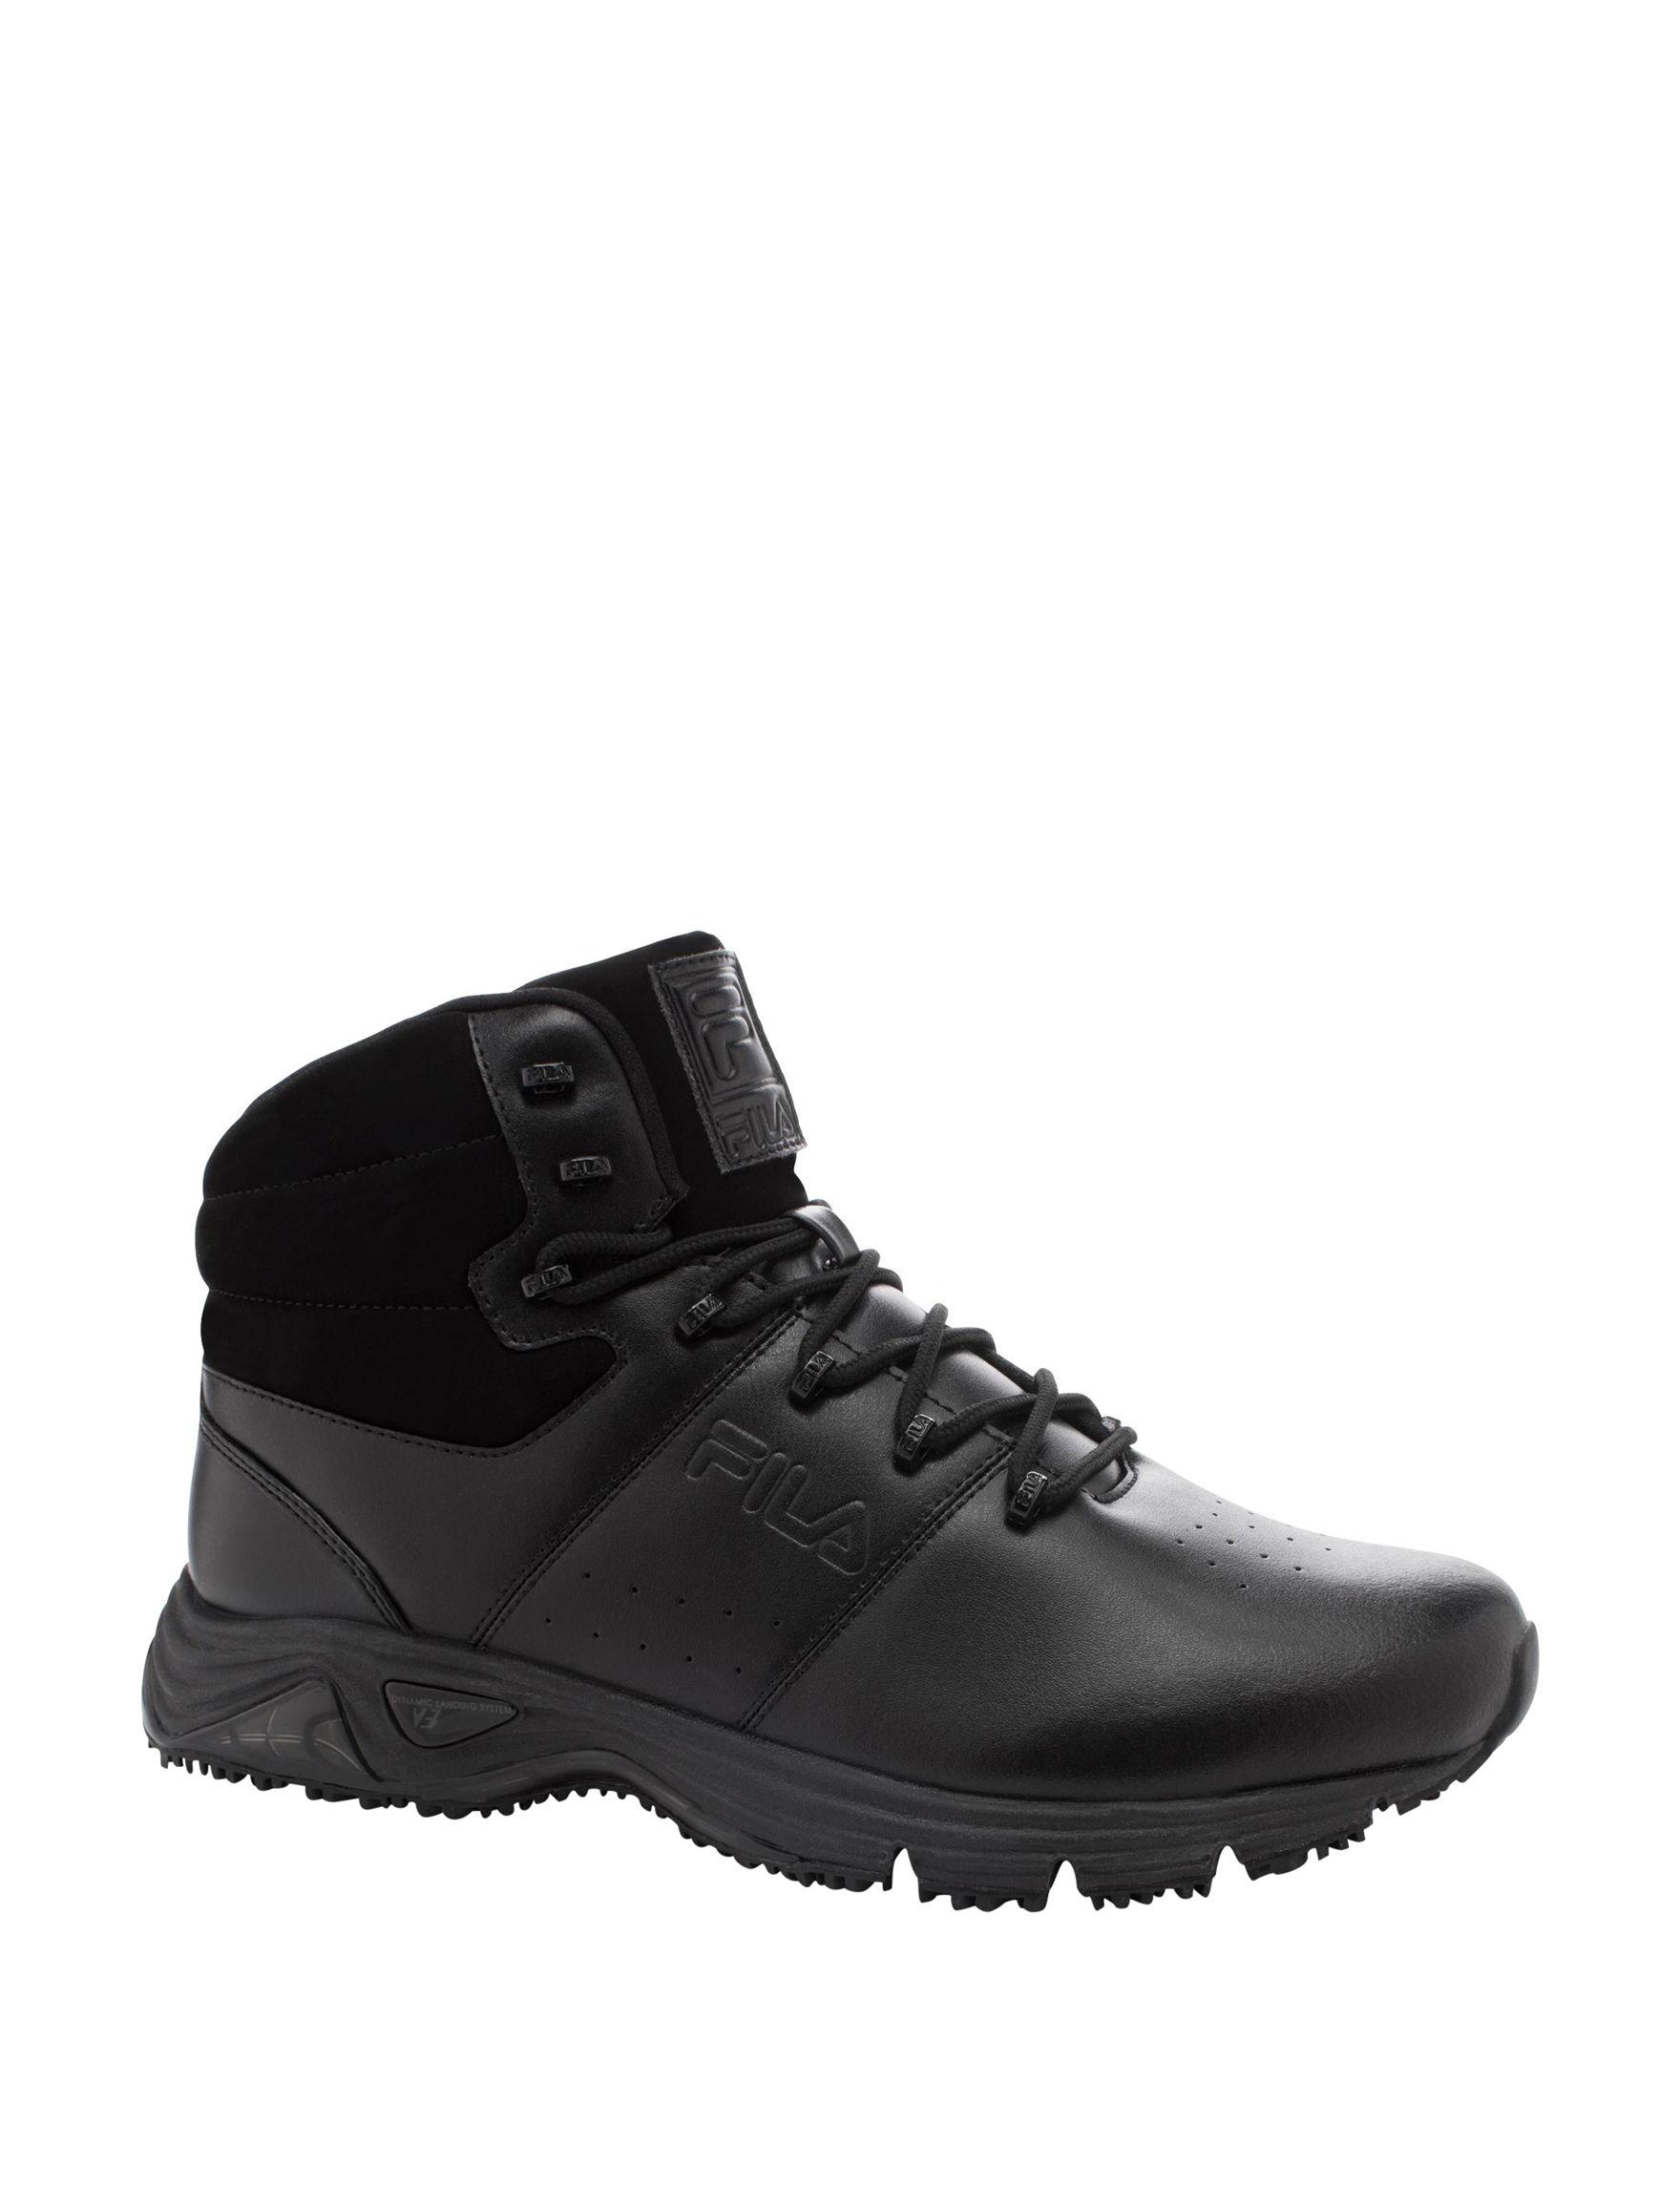 Fila Black Sport Sandals